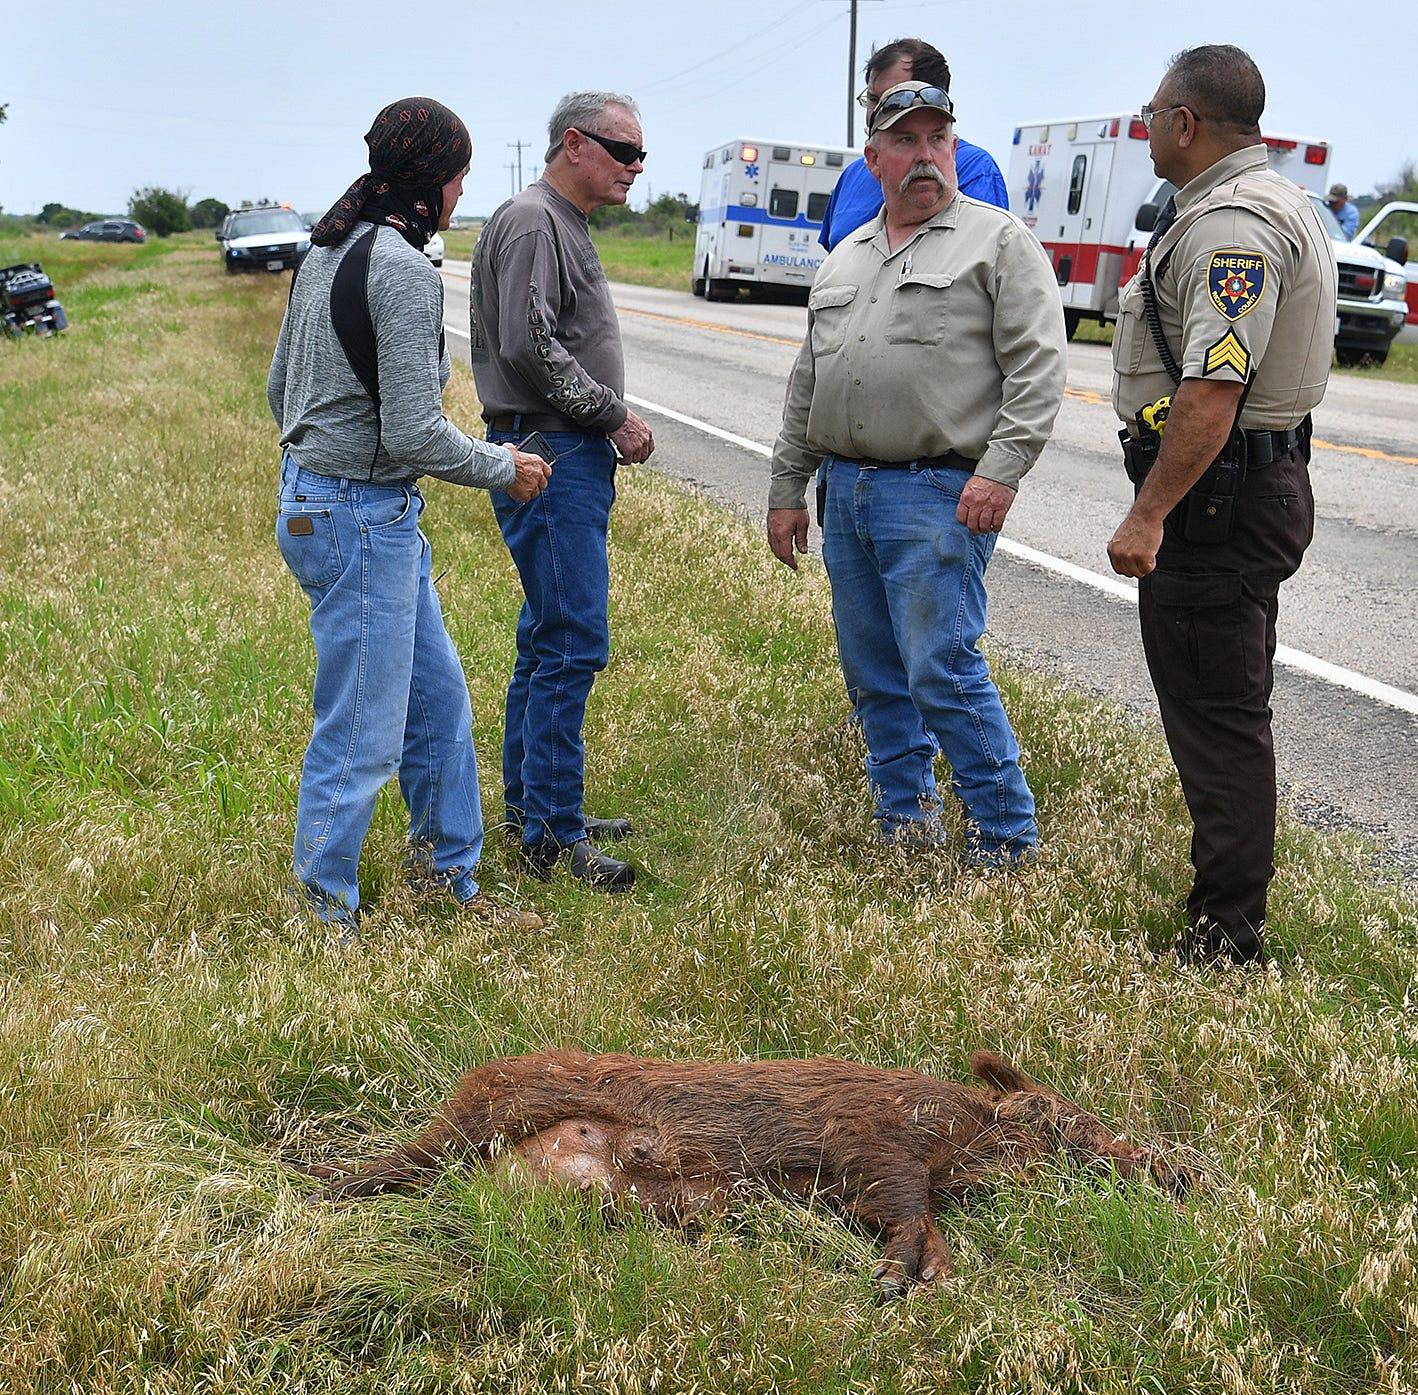 Motorcyclist injured after hitting feral hog